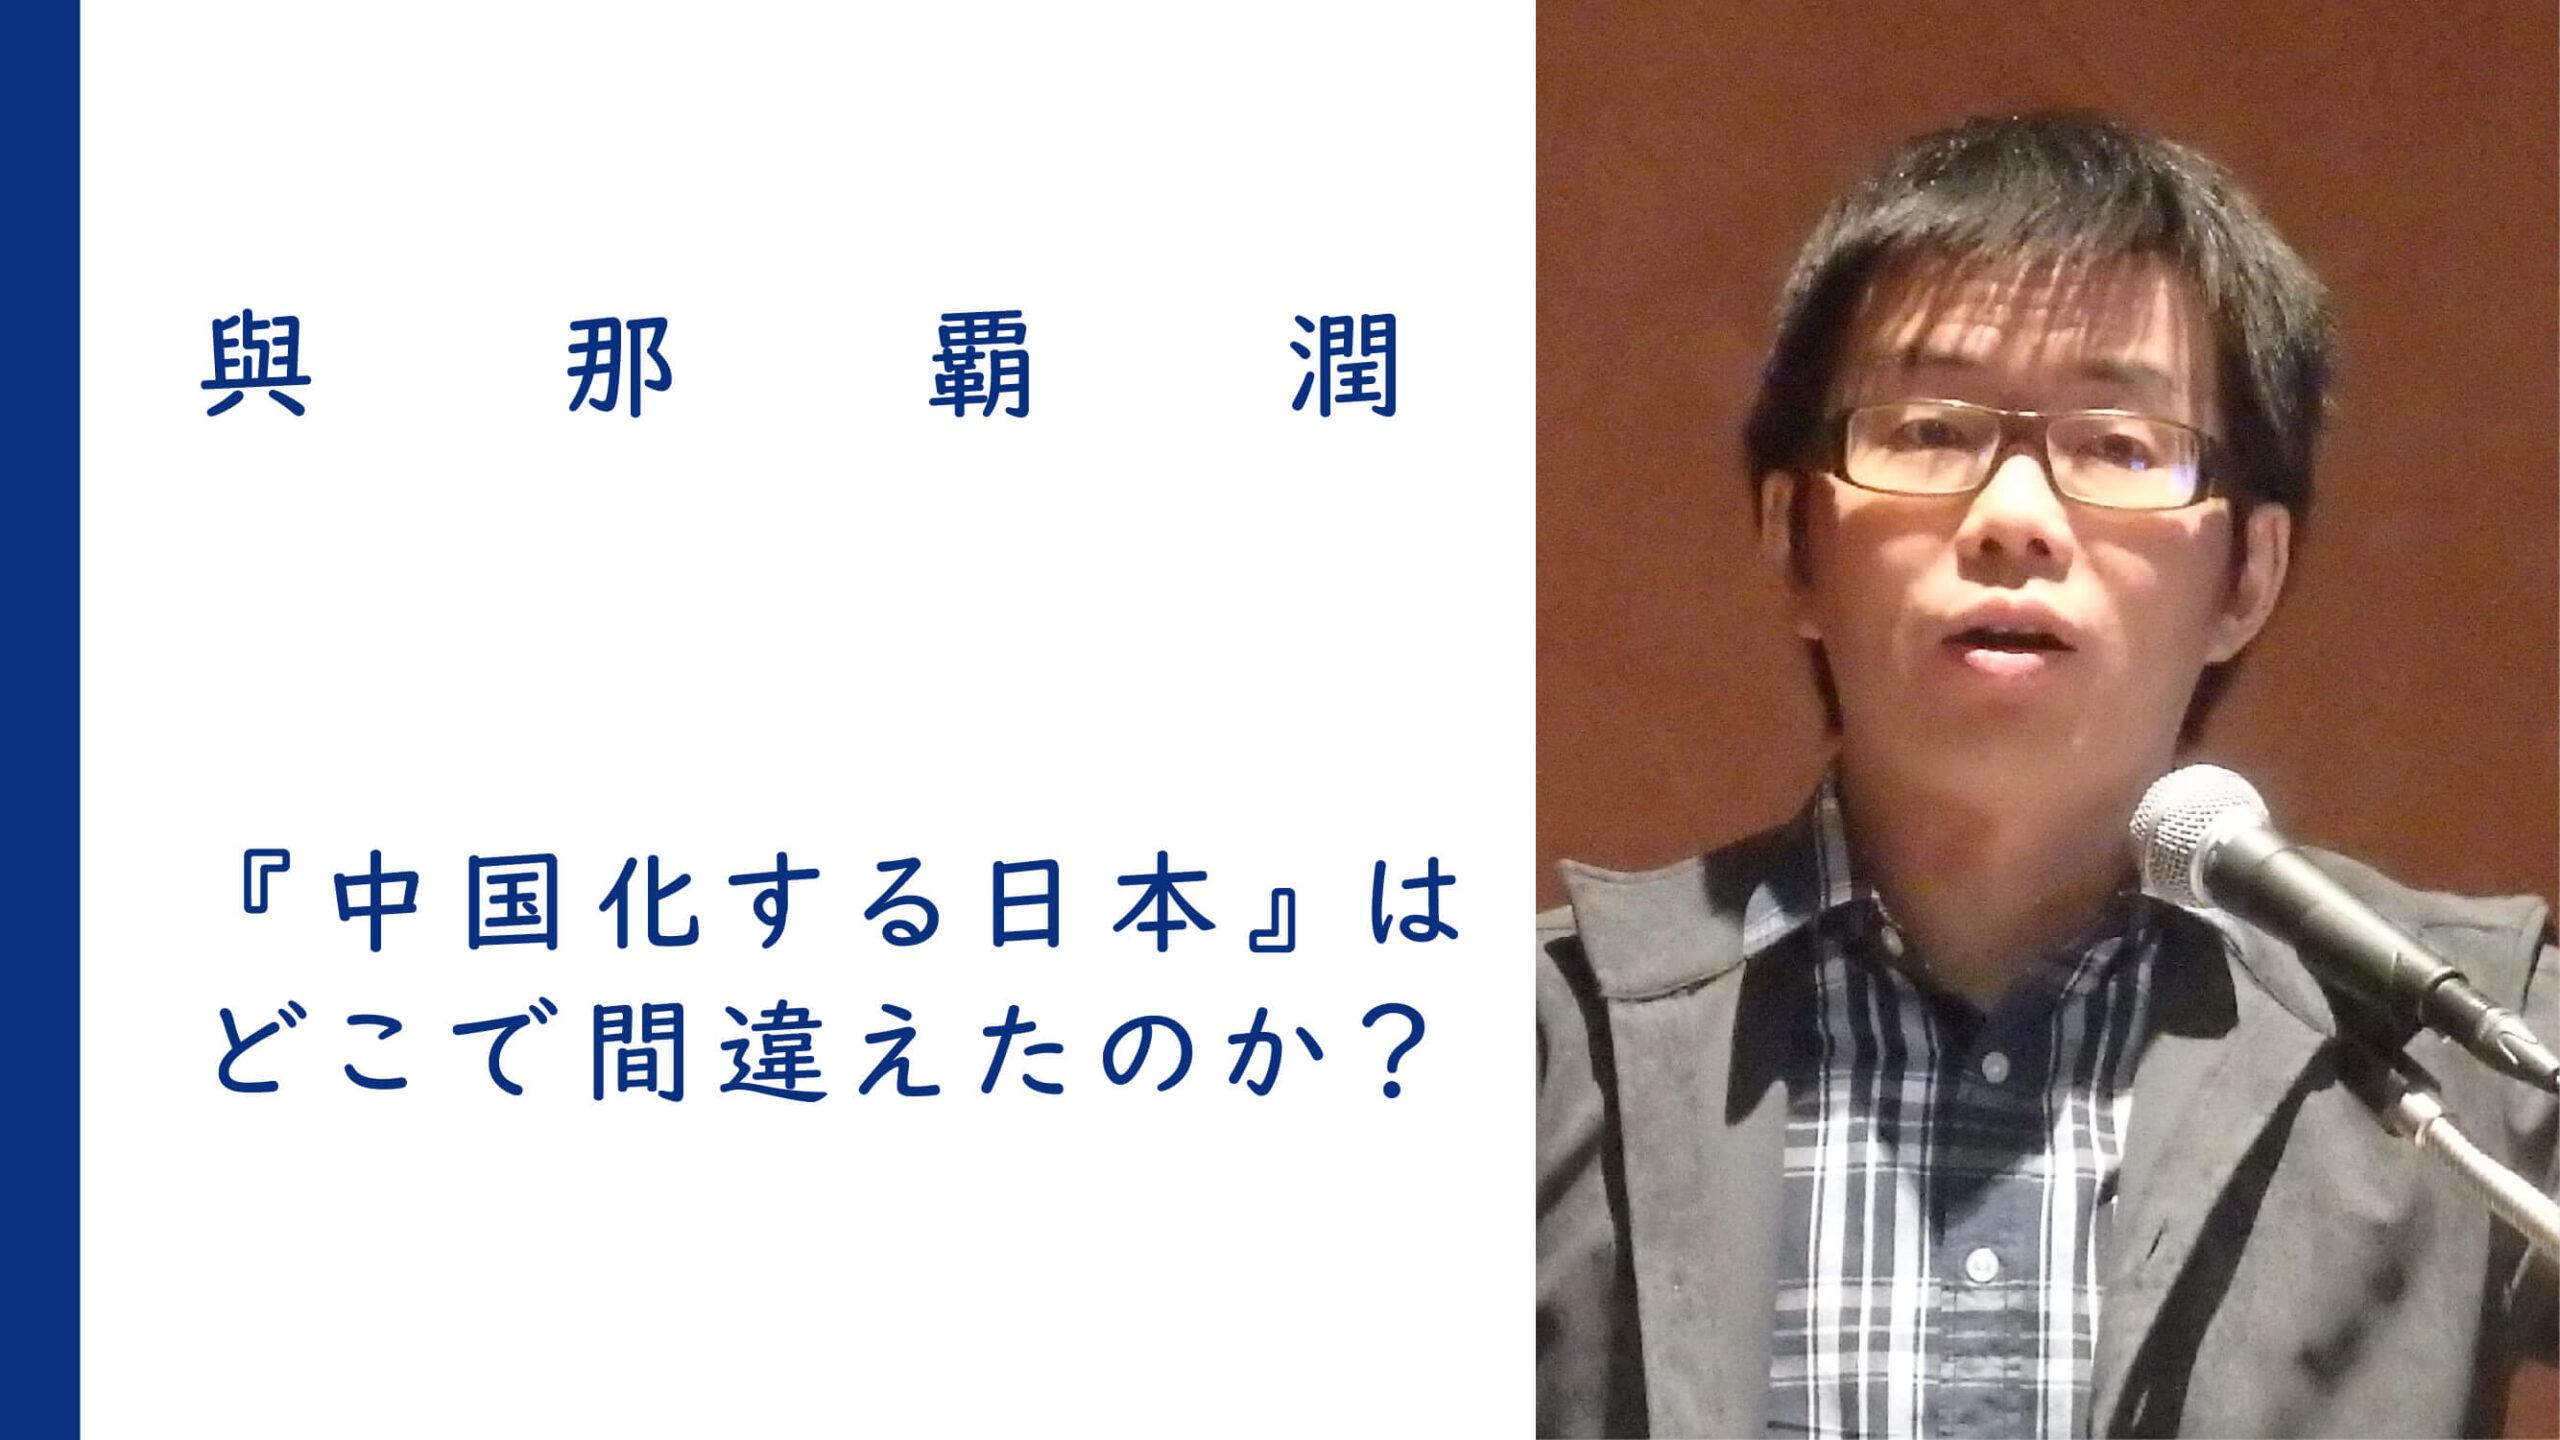 『中国化する日本』はどこで間違えたのか | 與那覇潤<br><br>